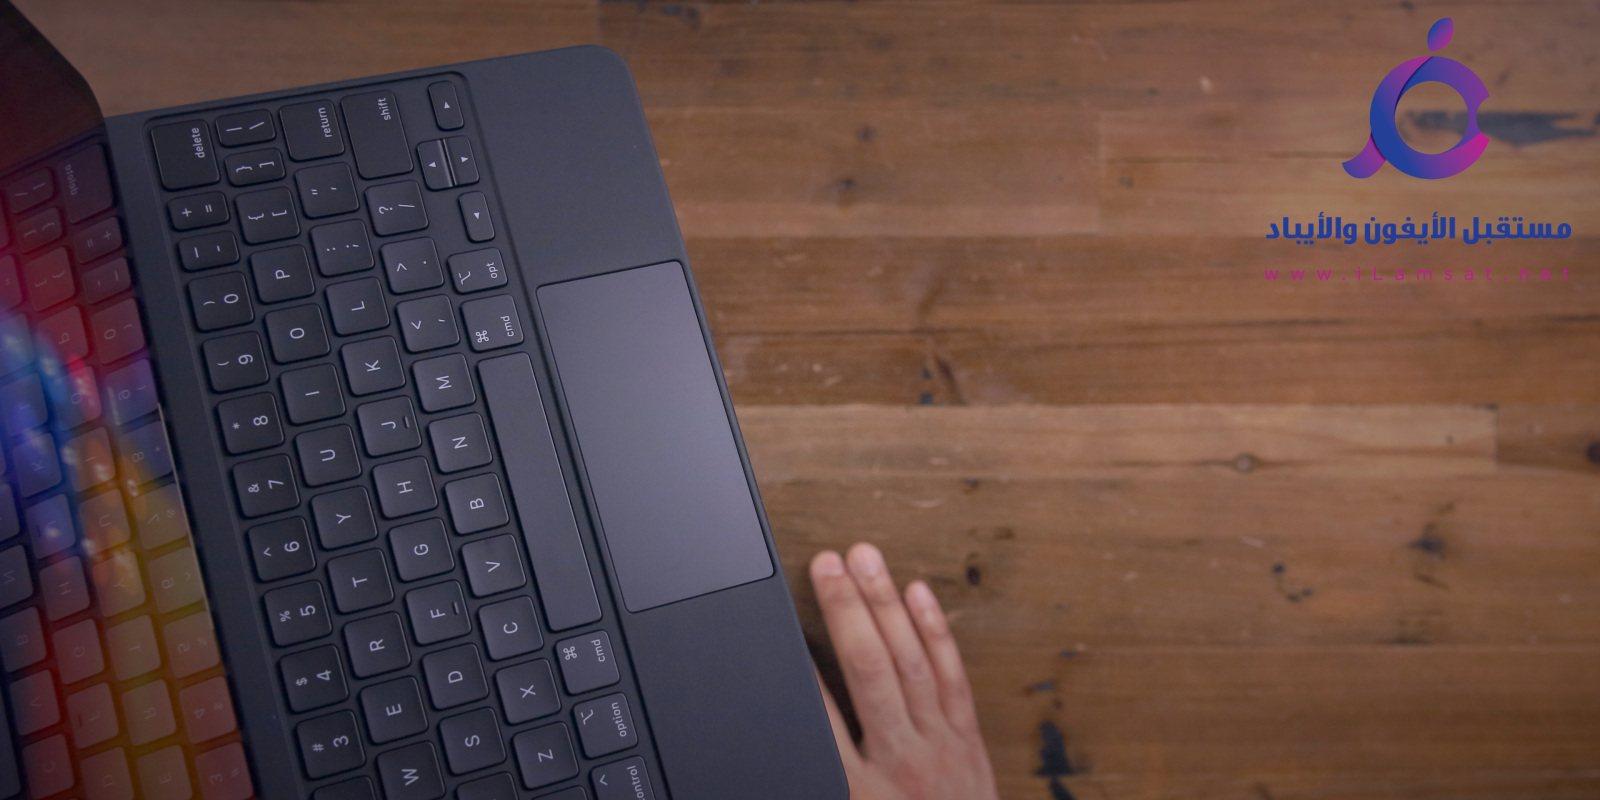 اَبل : كيفية استخدام اختصارات Magic Keyboard على iPad Air و iPad Pro